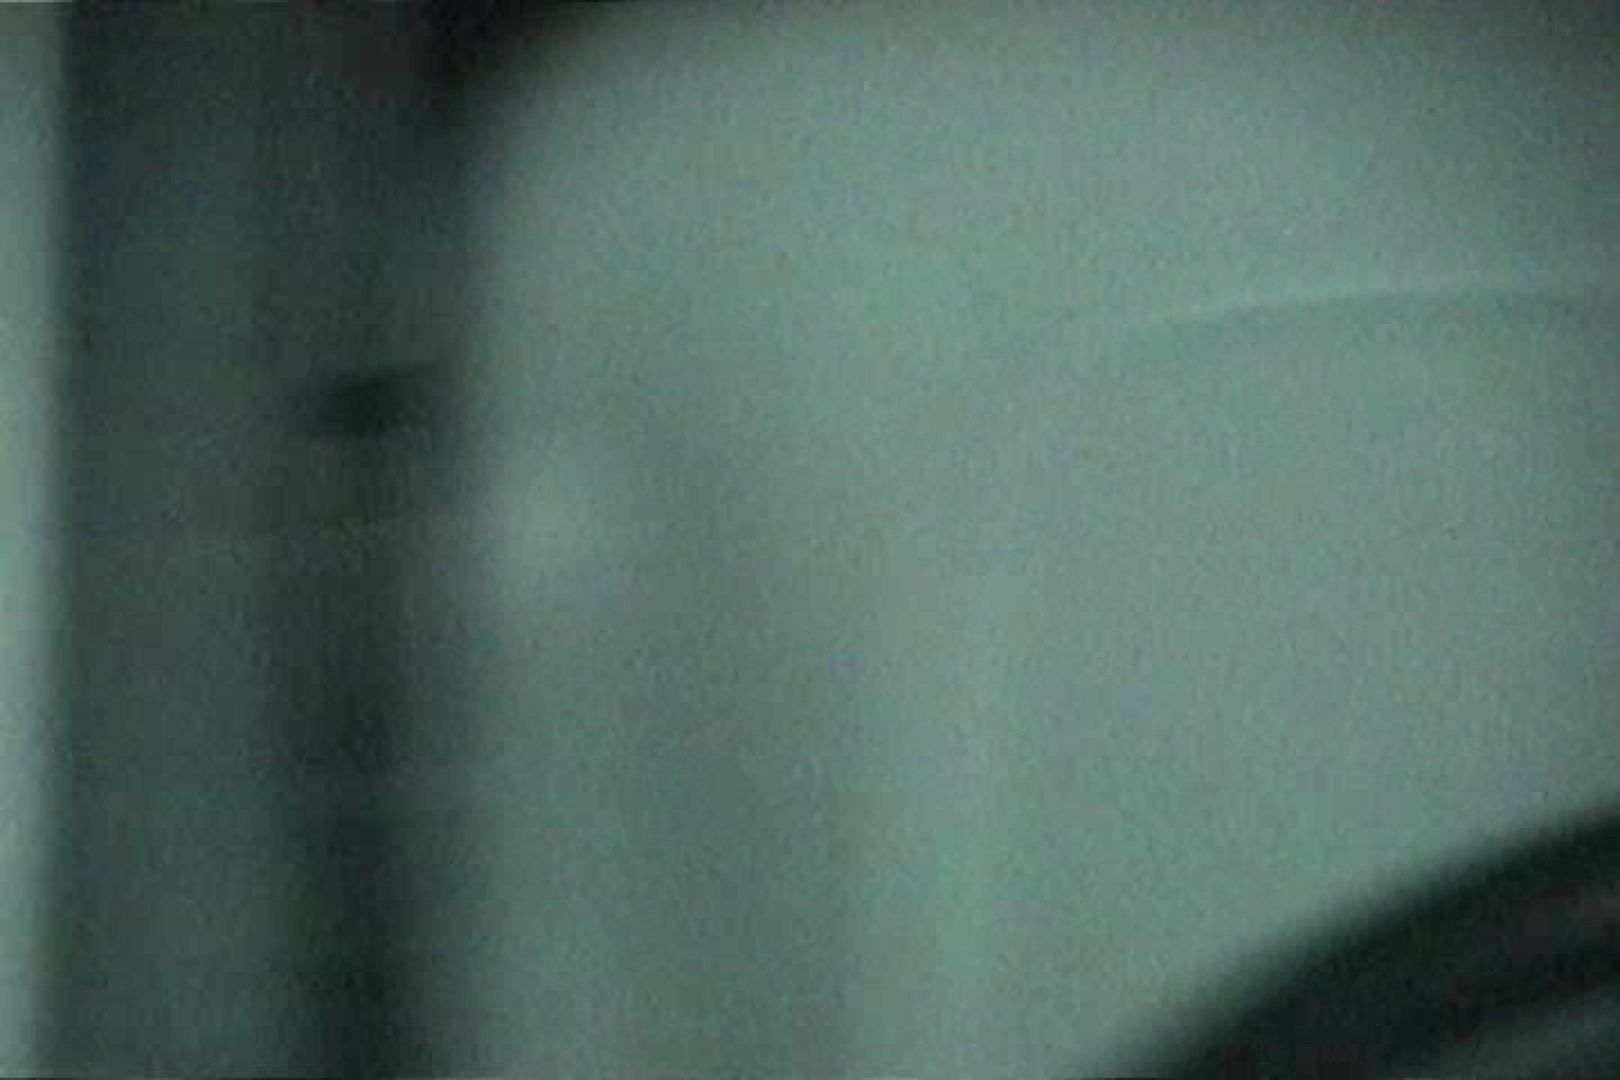 充血監督の深夜の運動会Vol.146 エロティックなOL すけべAV動画紹介 62画像 62